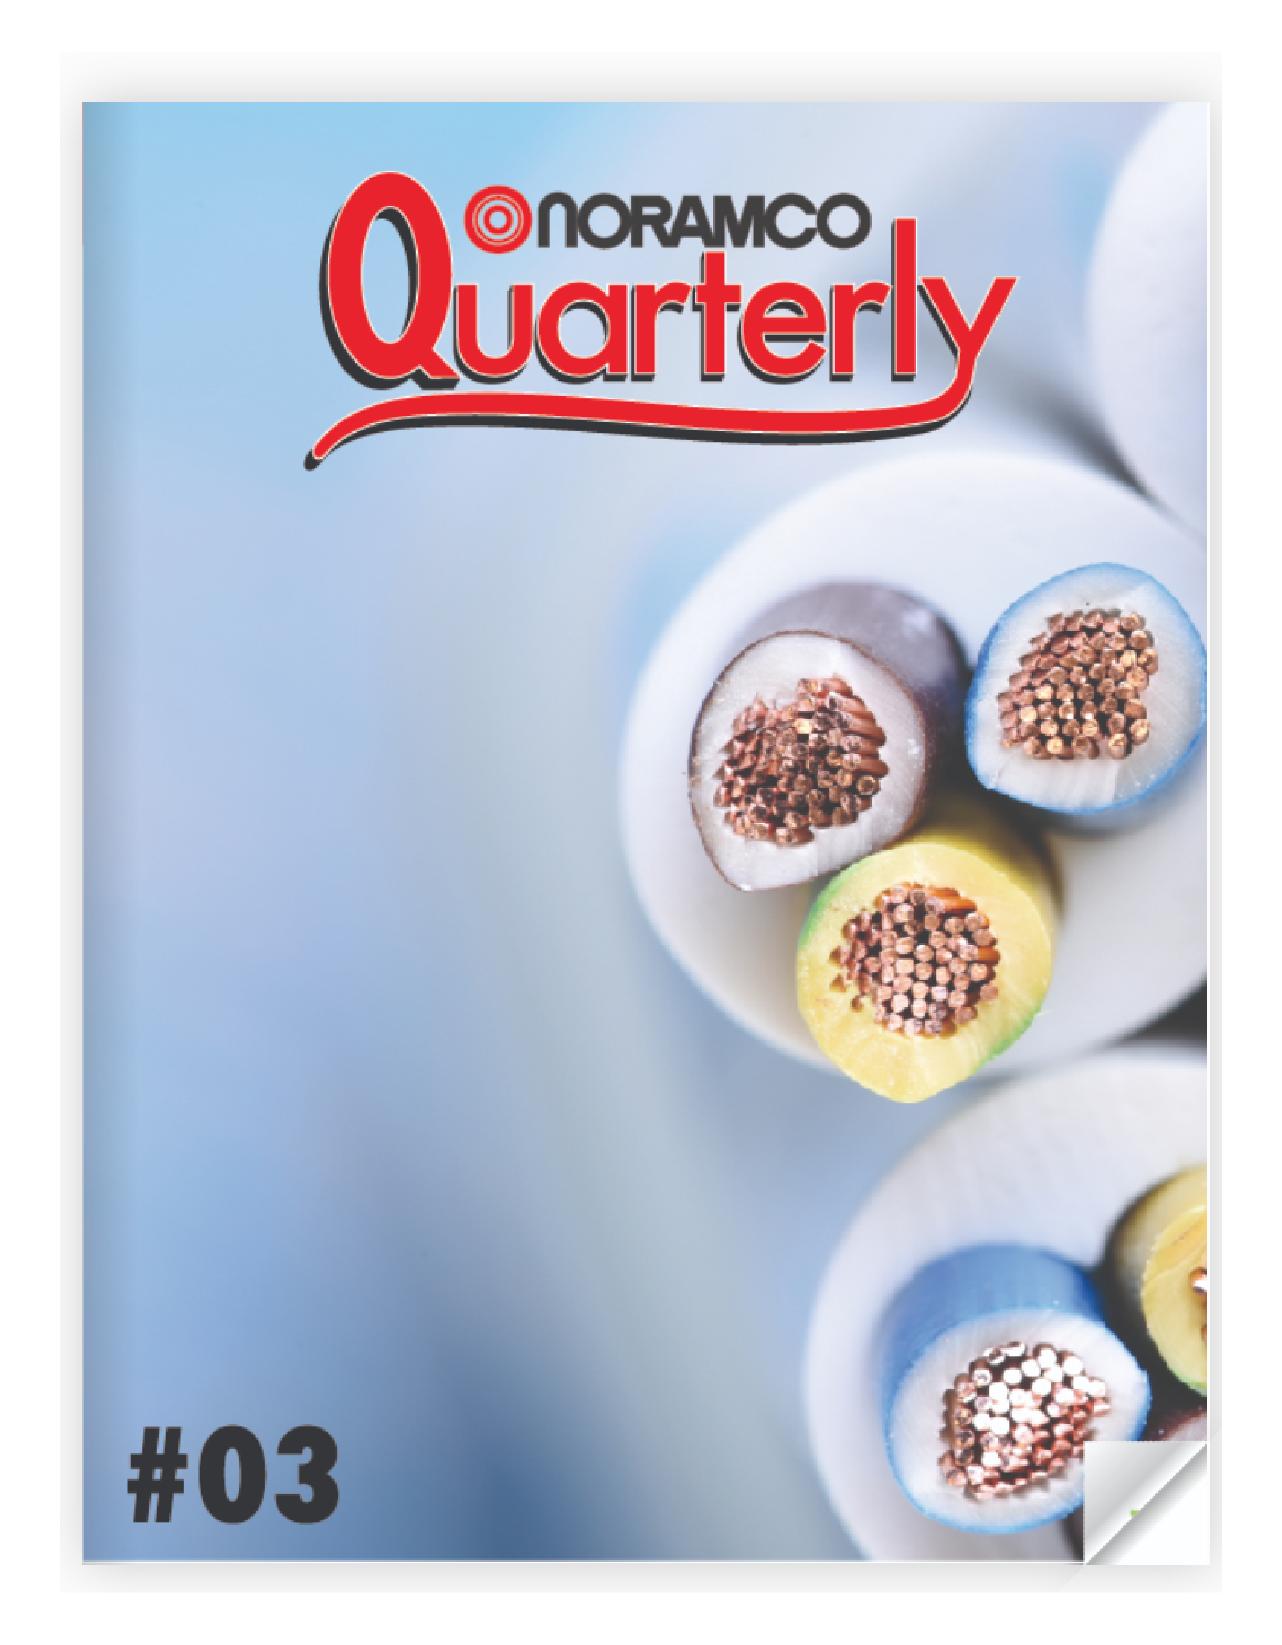 noramco-quarterly